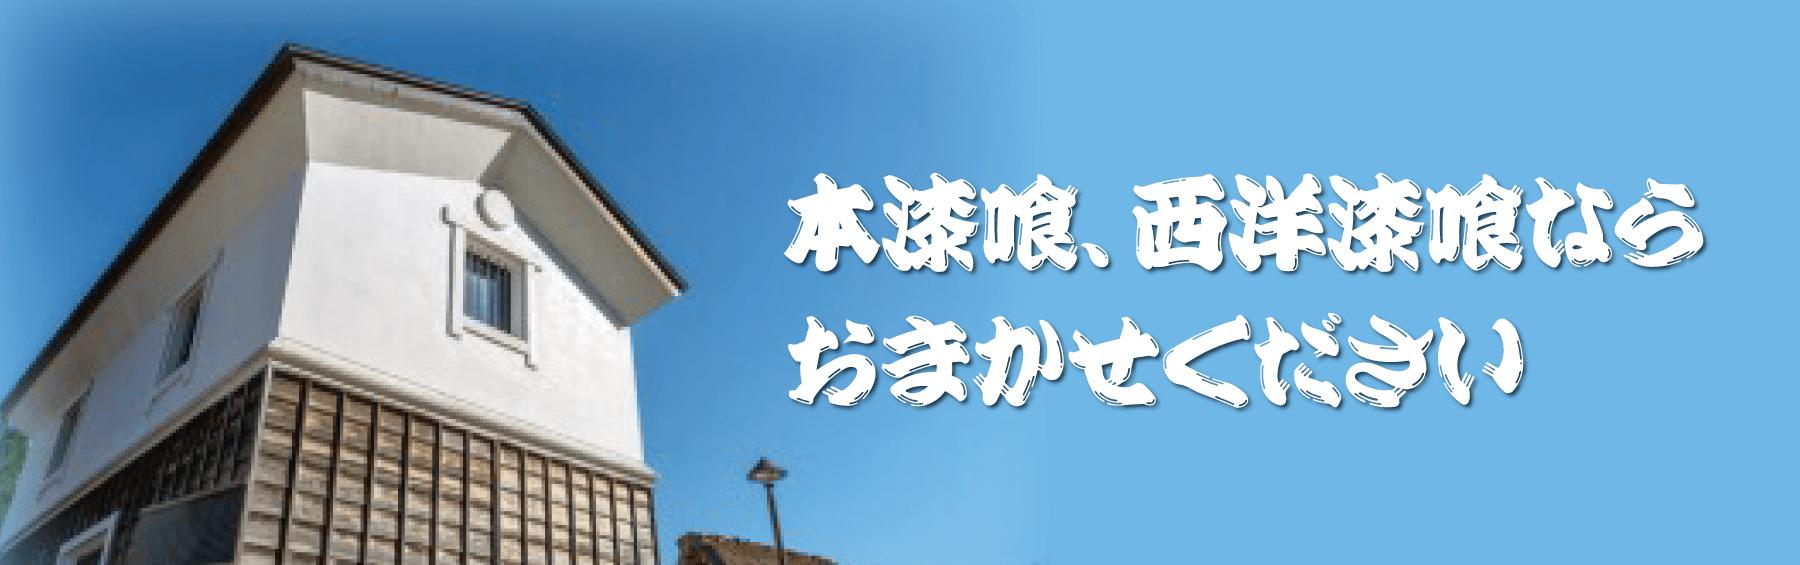 静岡市清水区の物造りプロ集団:笹間工業